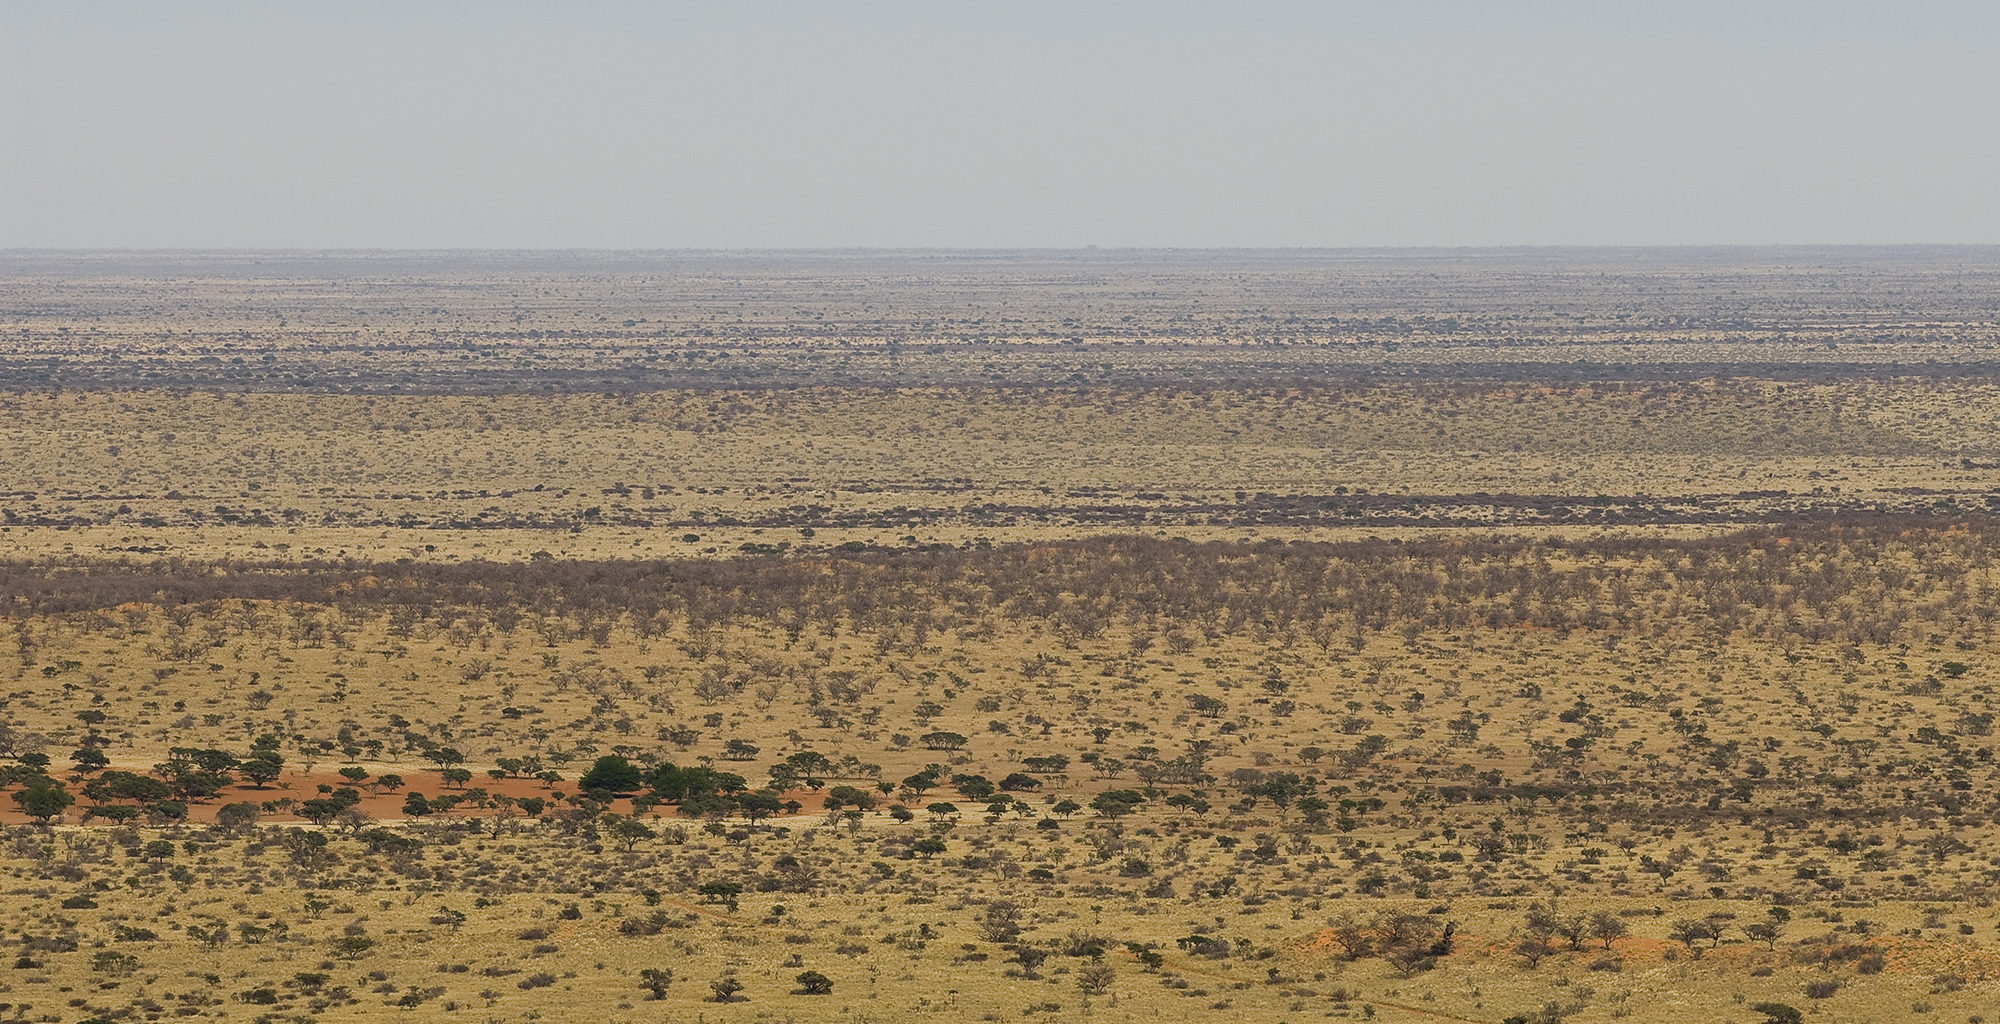 South-Africa-Kalahari-Landscape